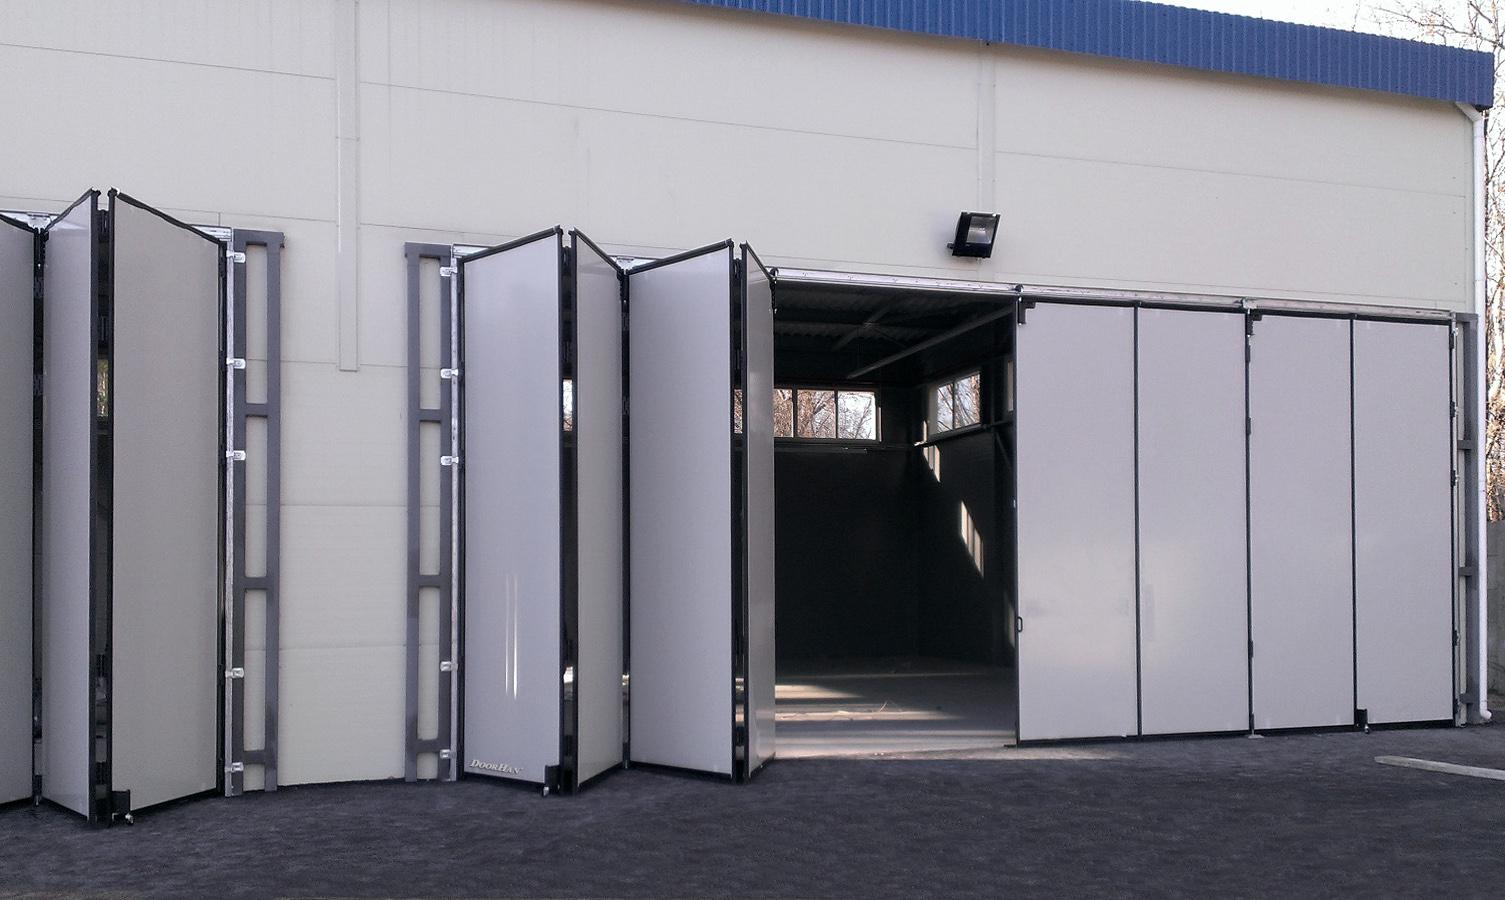 Складные промышленные ворота белого цвета для складских помещений